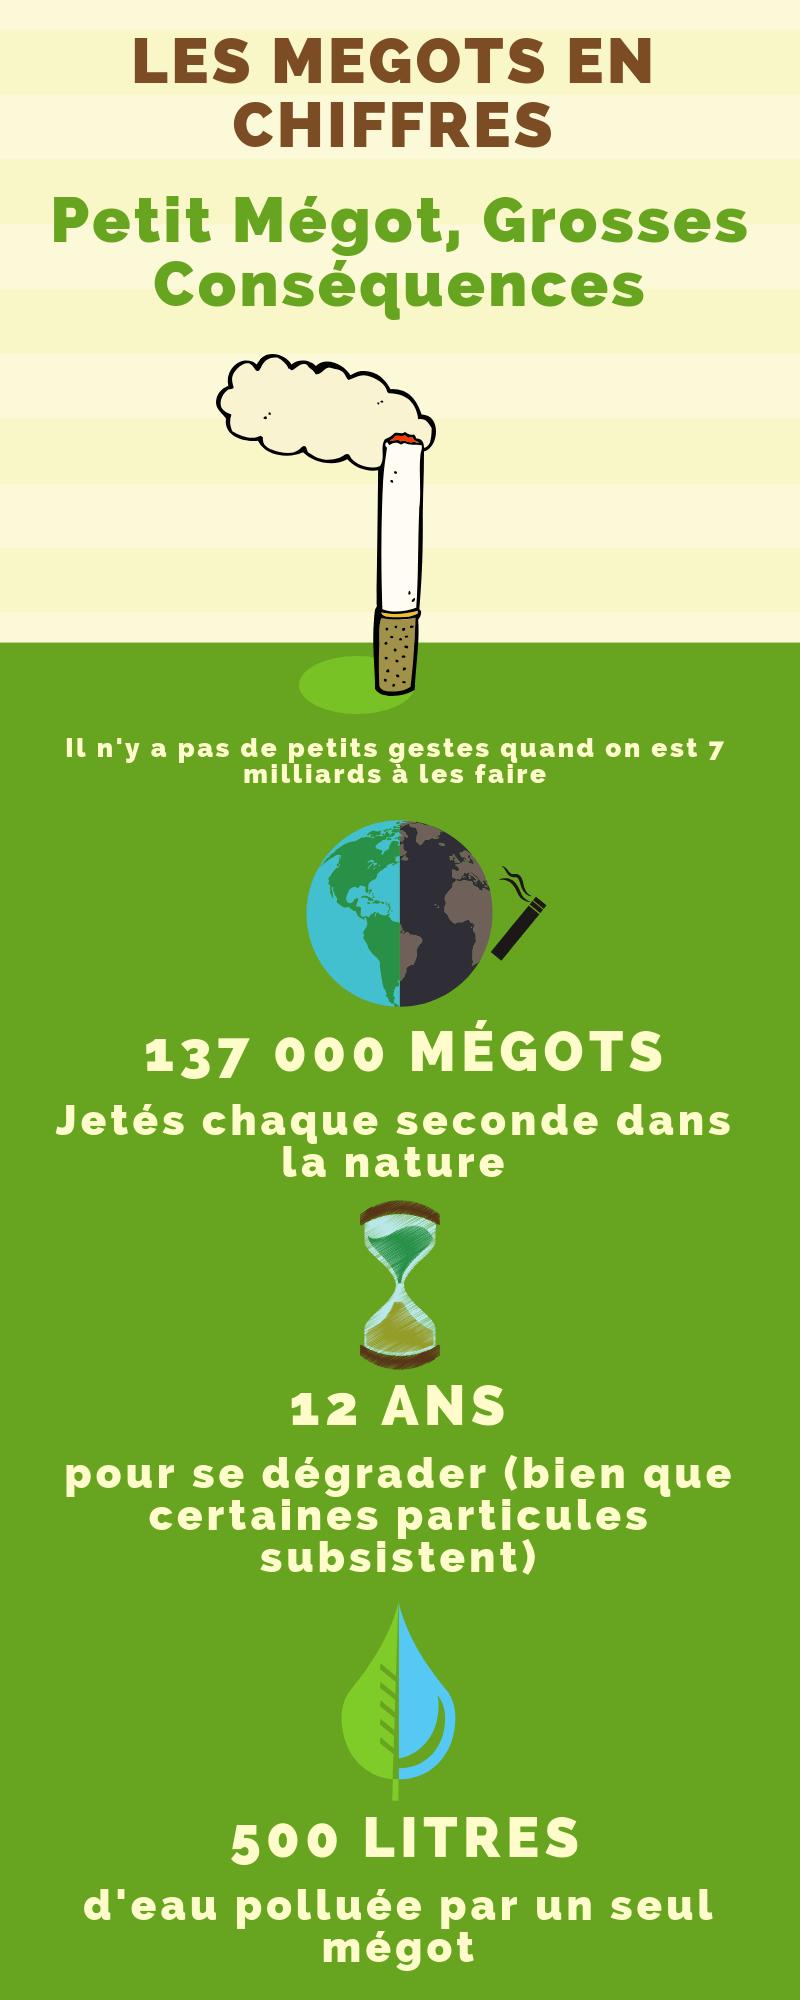 chiffre mégot visuel infographie pollution vert lepoket plage foret pinterest eau cigarette